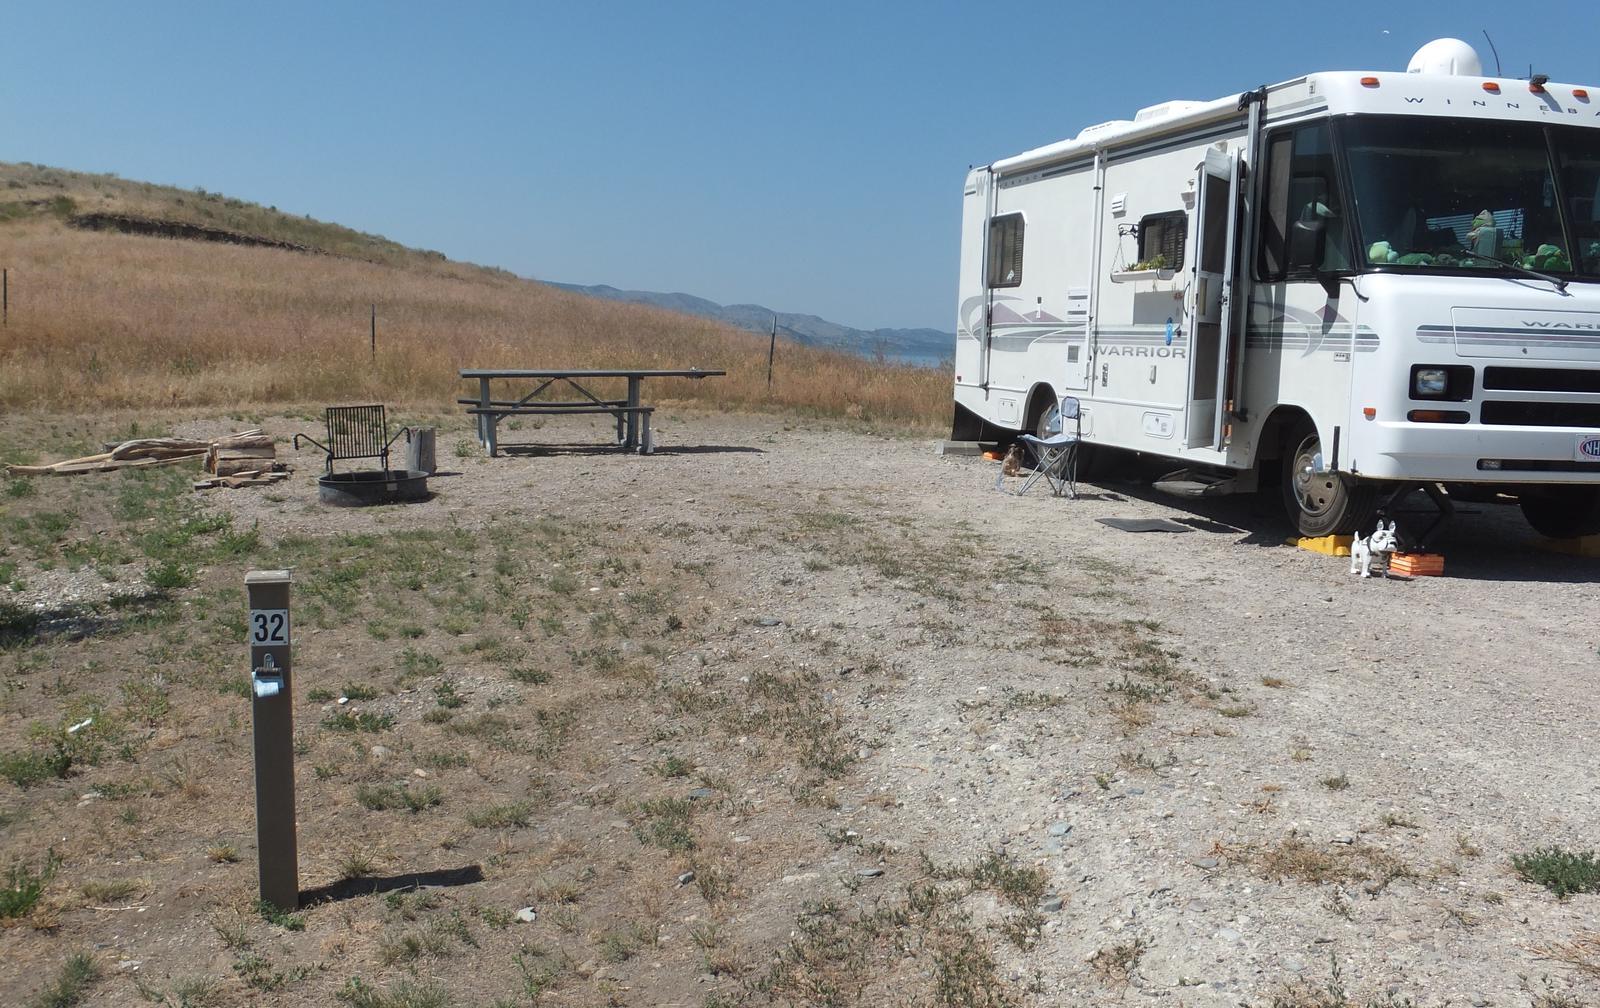 White Earth Campground - Campsite 32